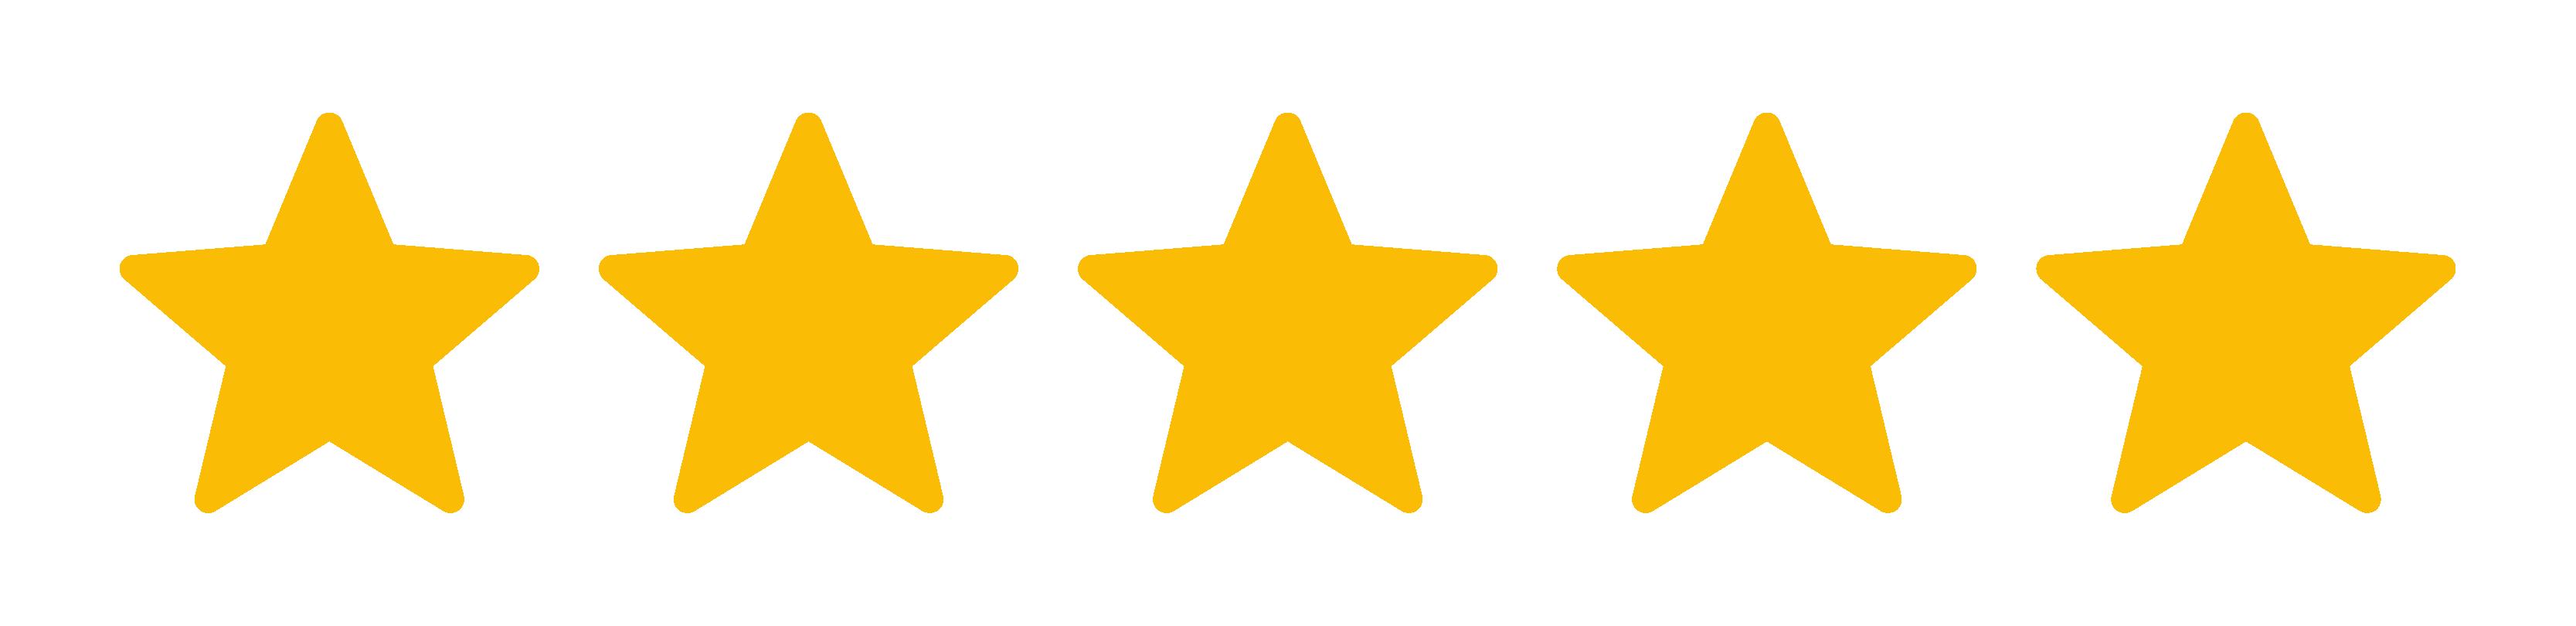 Google Five Stars